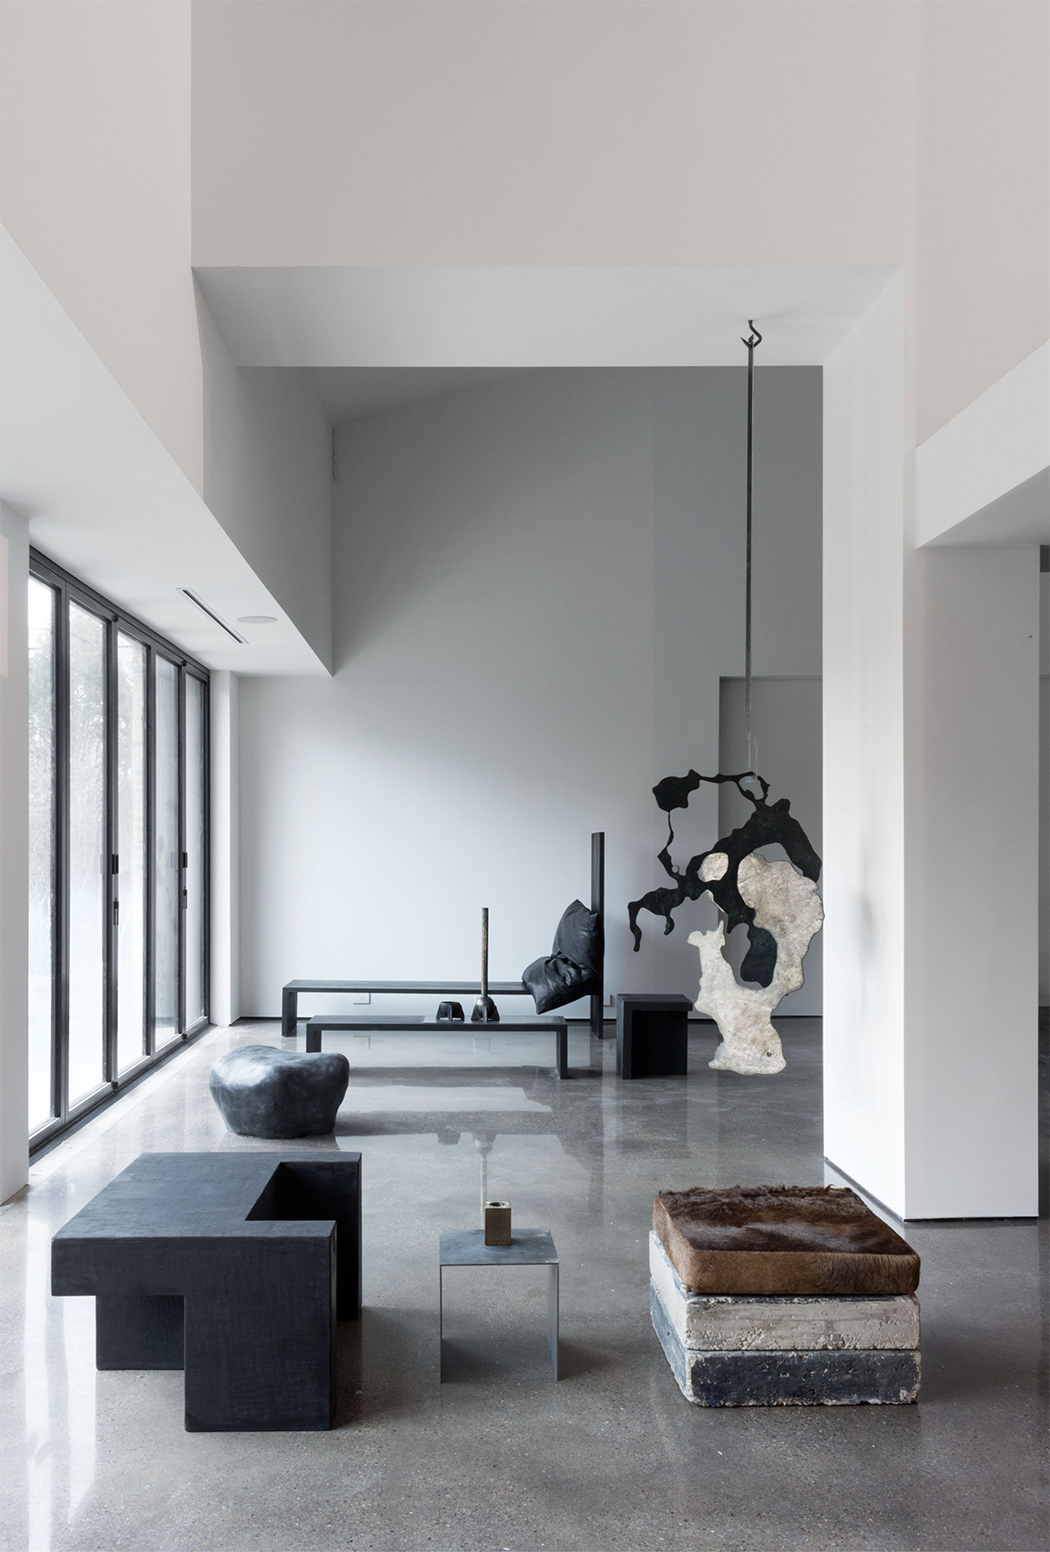 Winchester Showroom By Lukas Machnik Design